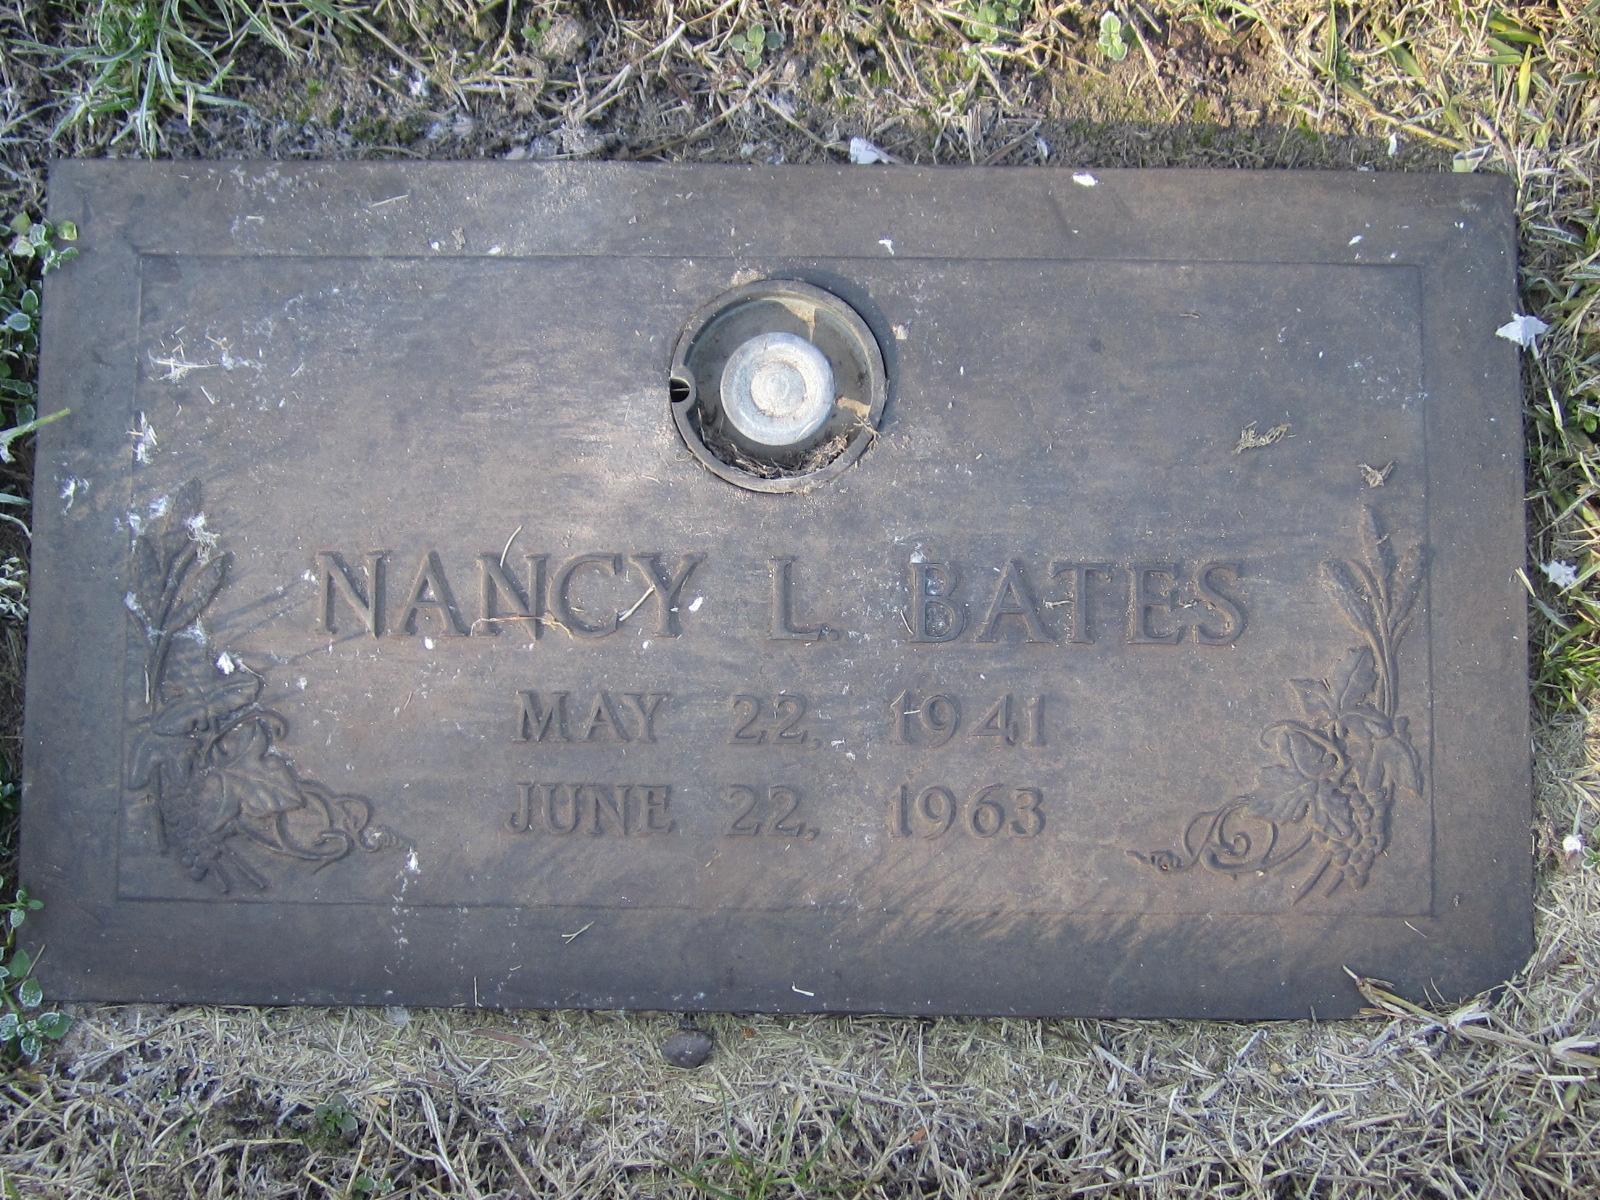 Nancy L Bates